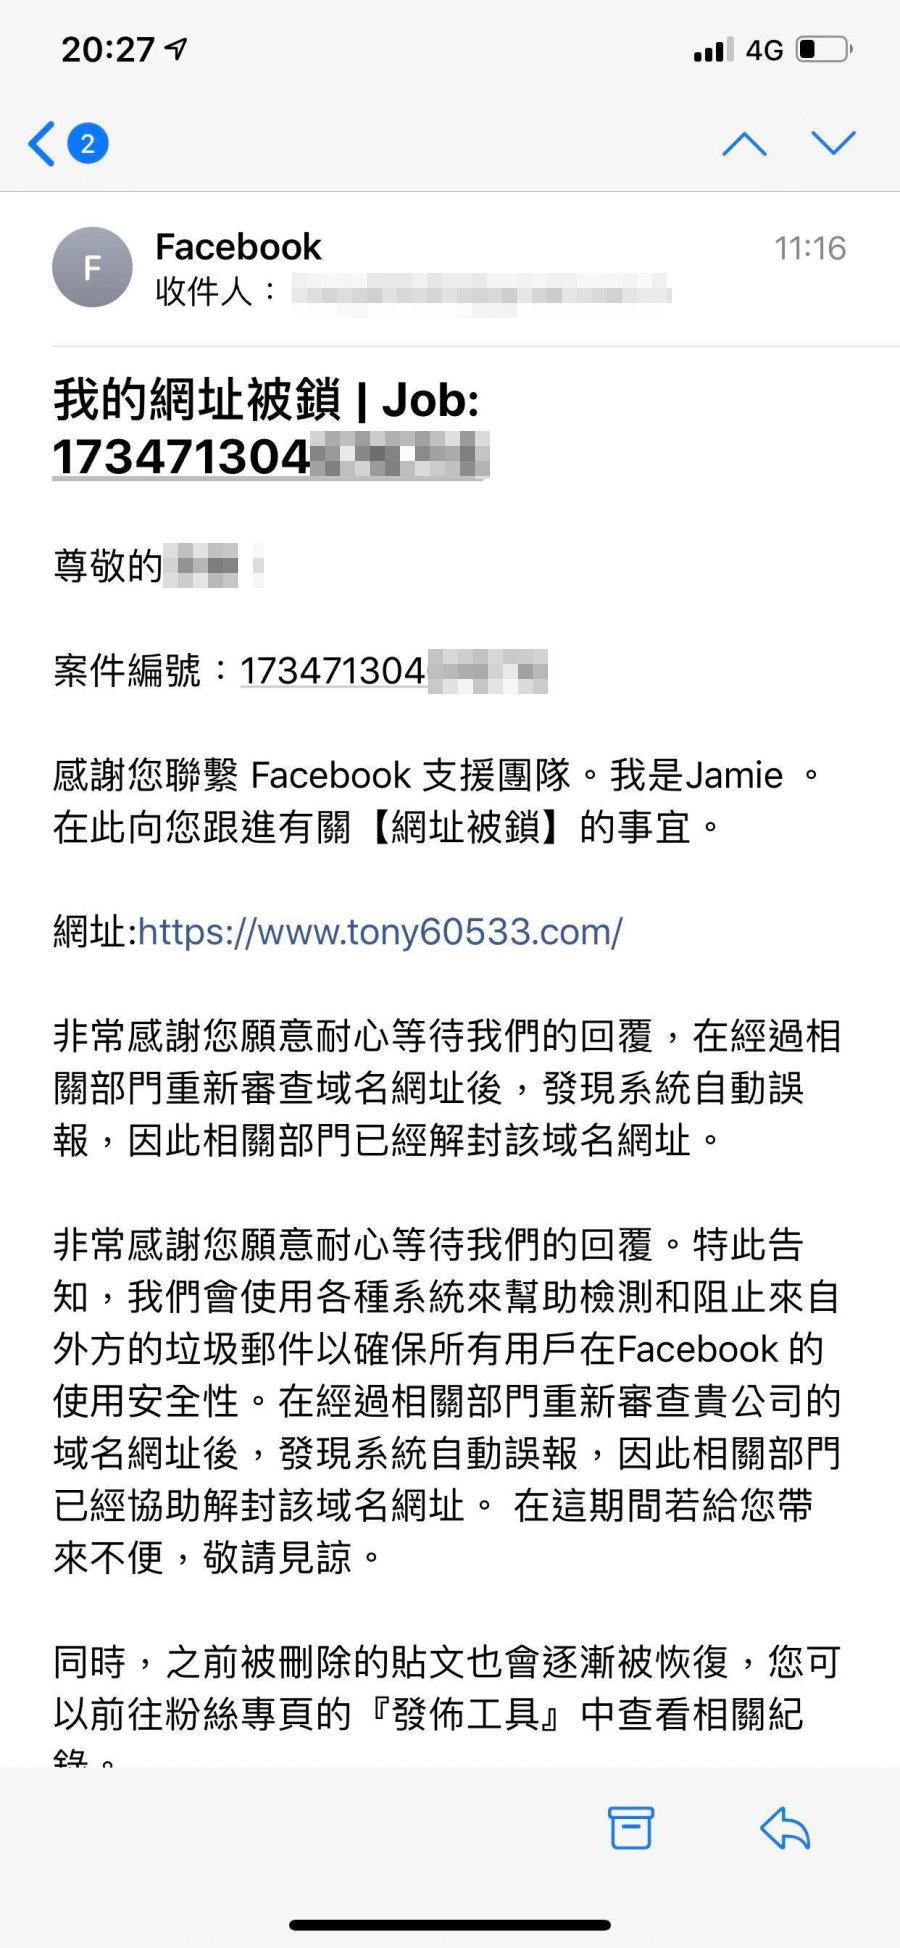 【網址被FB封鎖驚魂記】網址被FB封鎖申訴管道教學,FB網址被鎖連IG都不能用,真的太可怕了!(你的貼文違反了社群守則、這則貼文違反社群守則中有關垃圾訊息的規定) @猴屁的異想世界